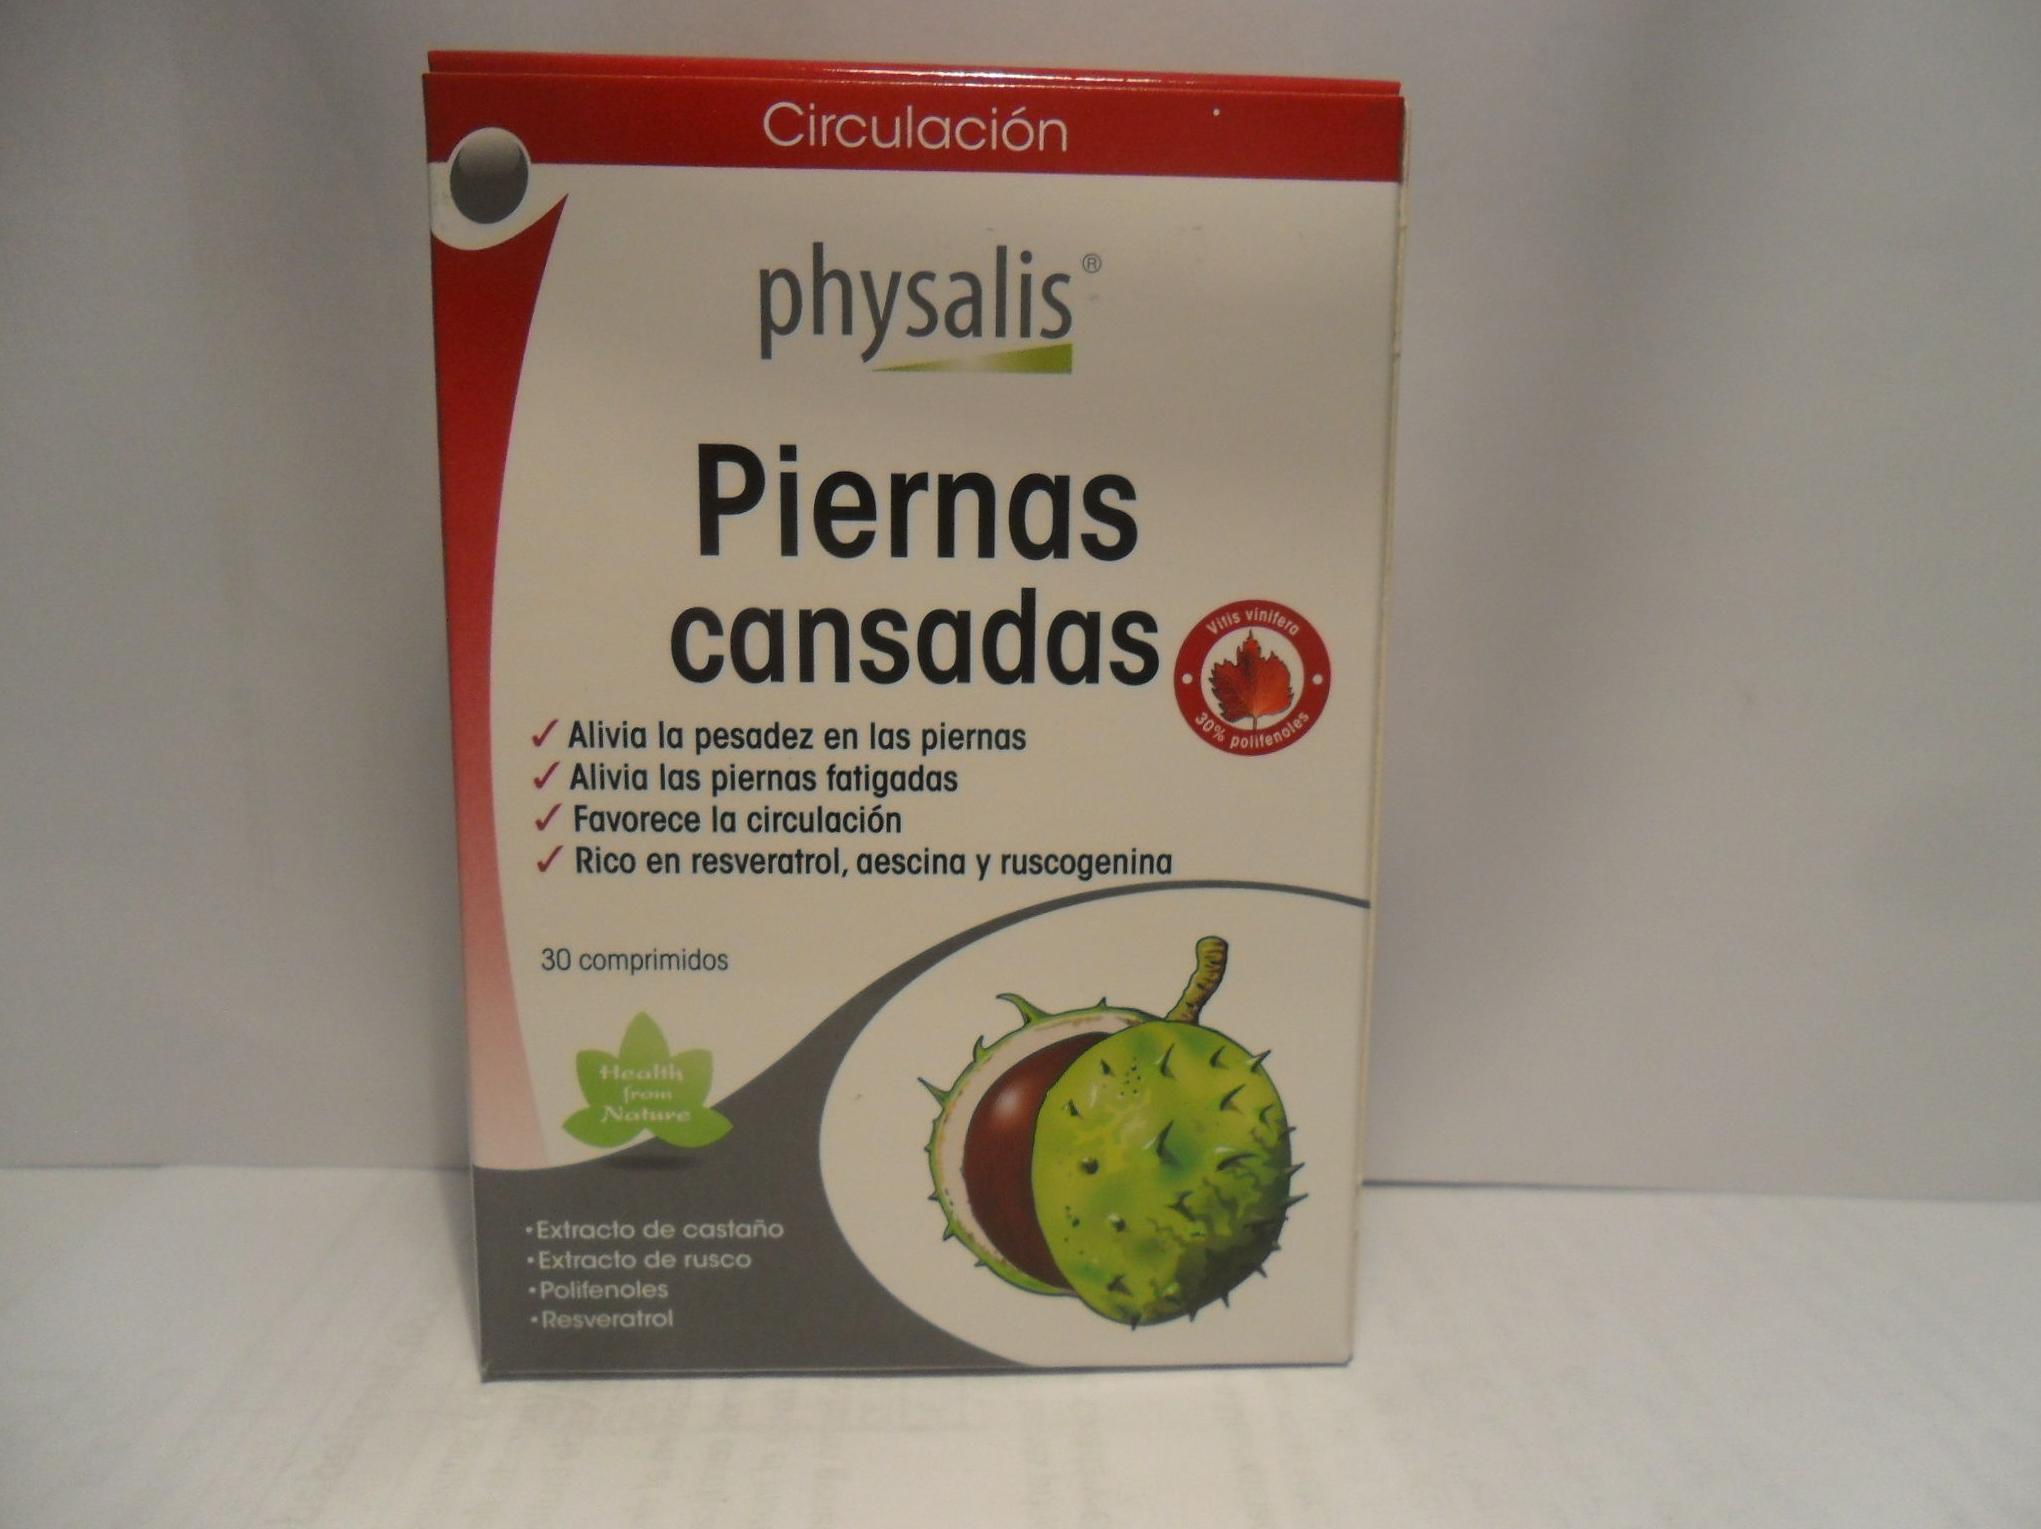 Piernas cansadas: Catálogo de productos de Herbolario El Monte